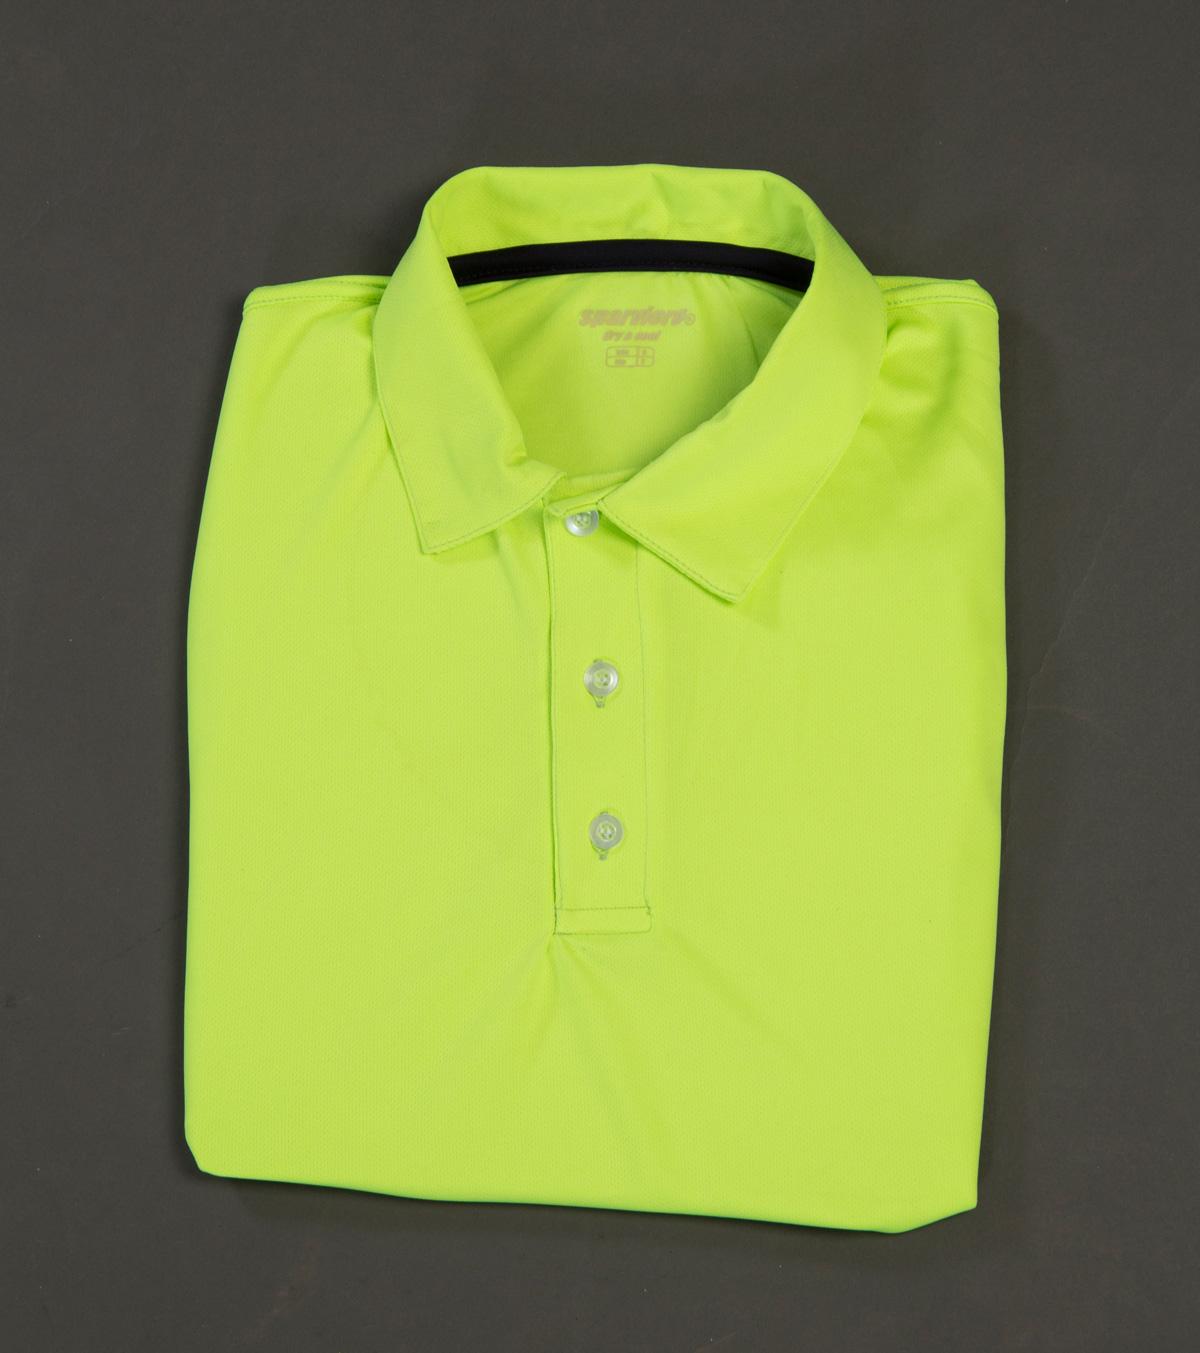 Drifit tipo Polo - Desarrollo Textil Empresarial S.A. de C.V. 13ac30aa8f73c